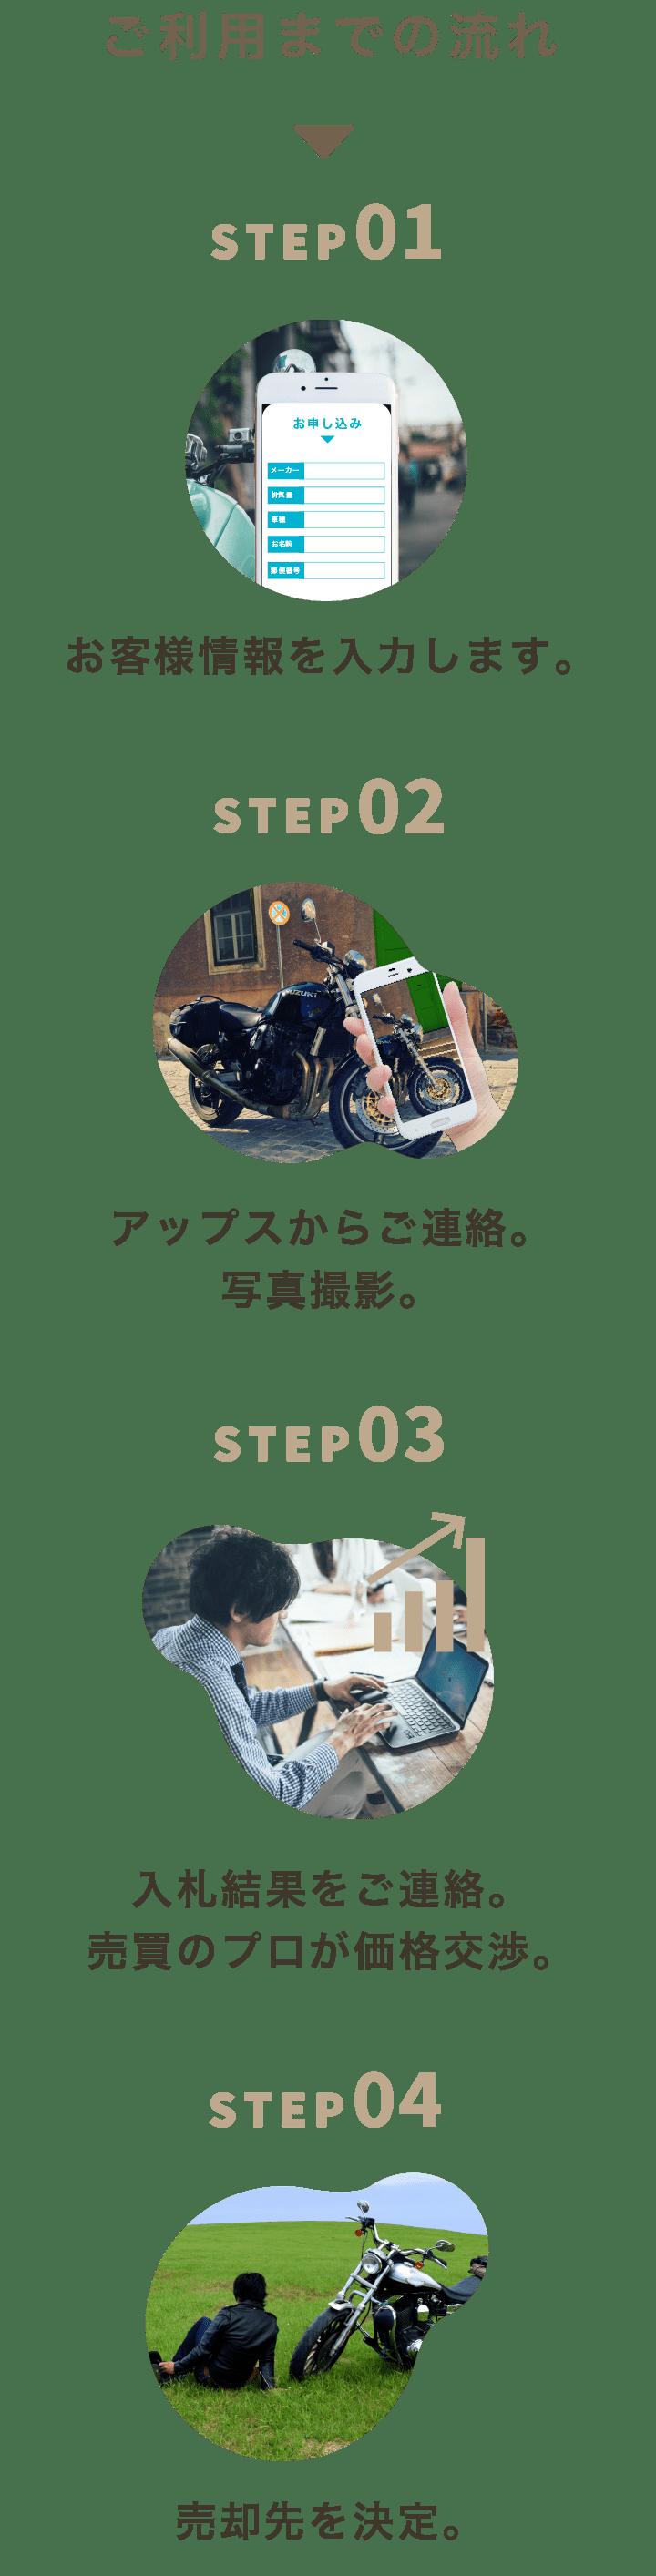 ご利用までの流れ。STEP01 お客様情報を入力します。STEP02 アップスからご連絡。写真撮影。STEP03 入札結果をご連絡。売買のプロが価格交渉。STEP04 売却先を決定。